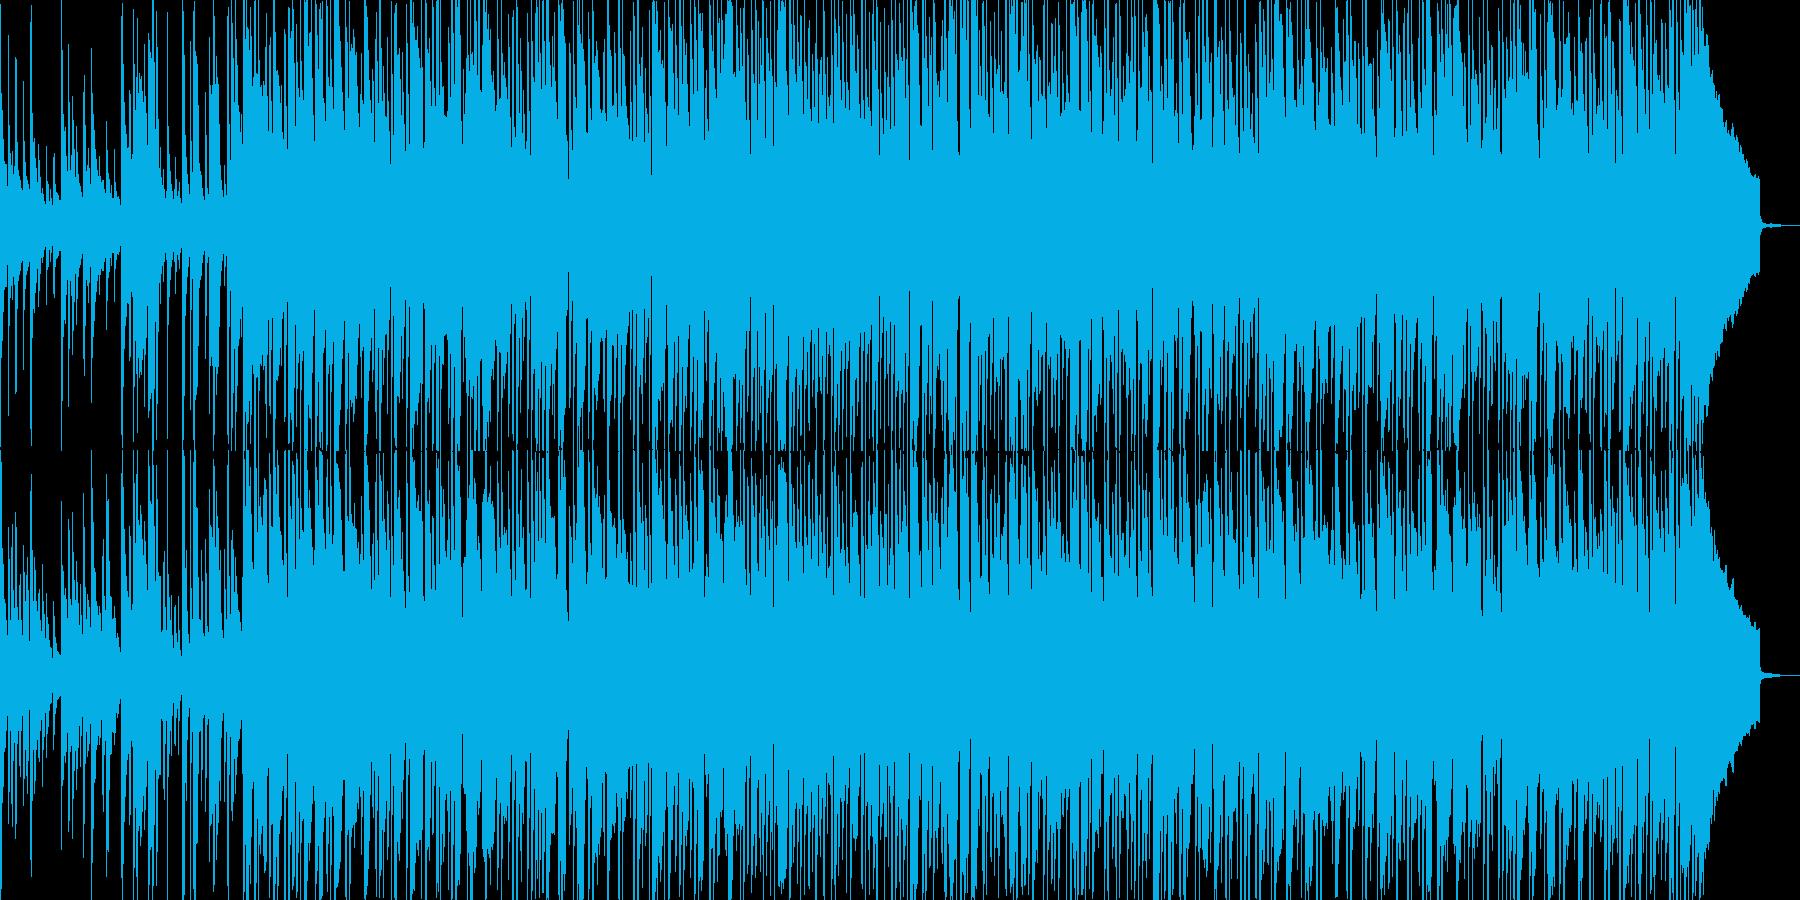 琴の音をフィーチャーした和風なBGMの再生済みの波形